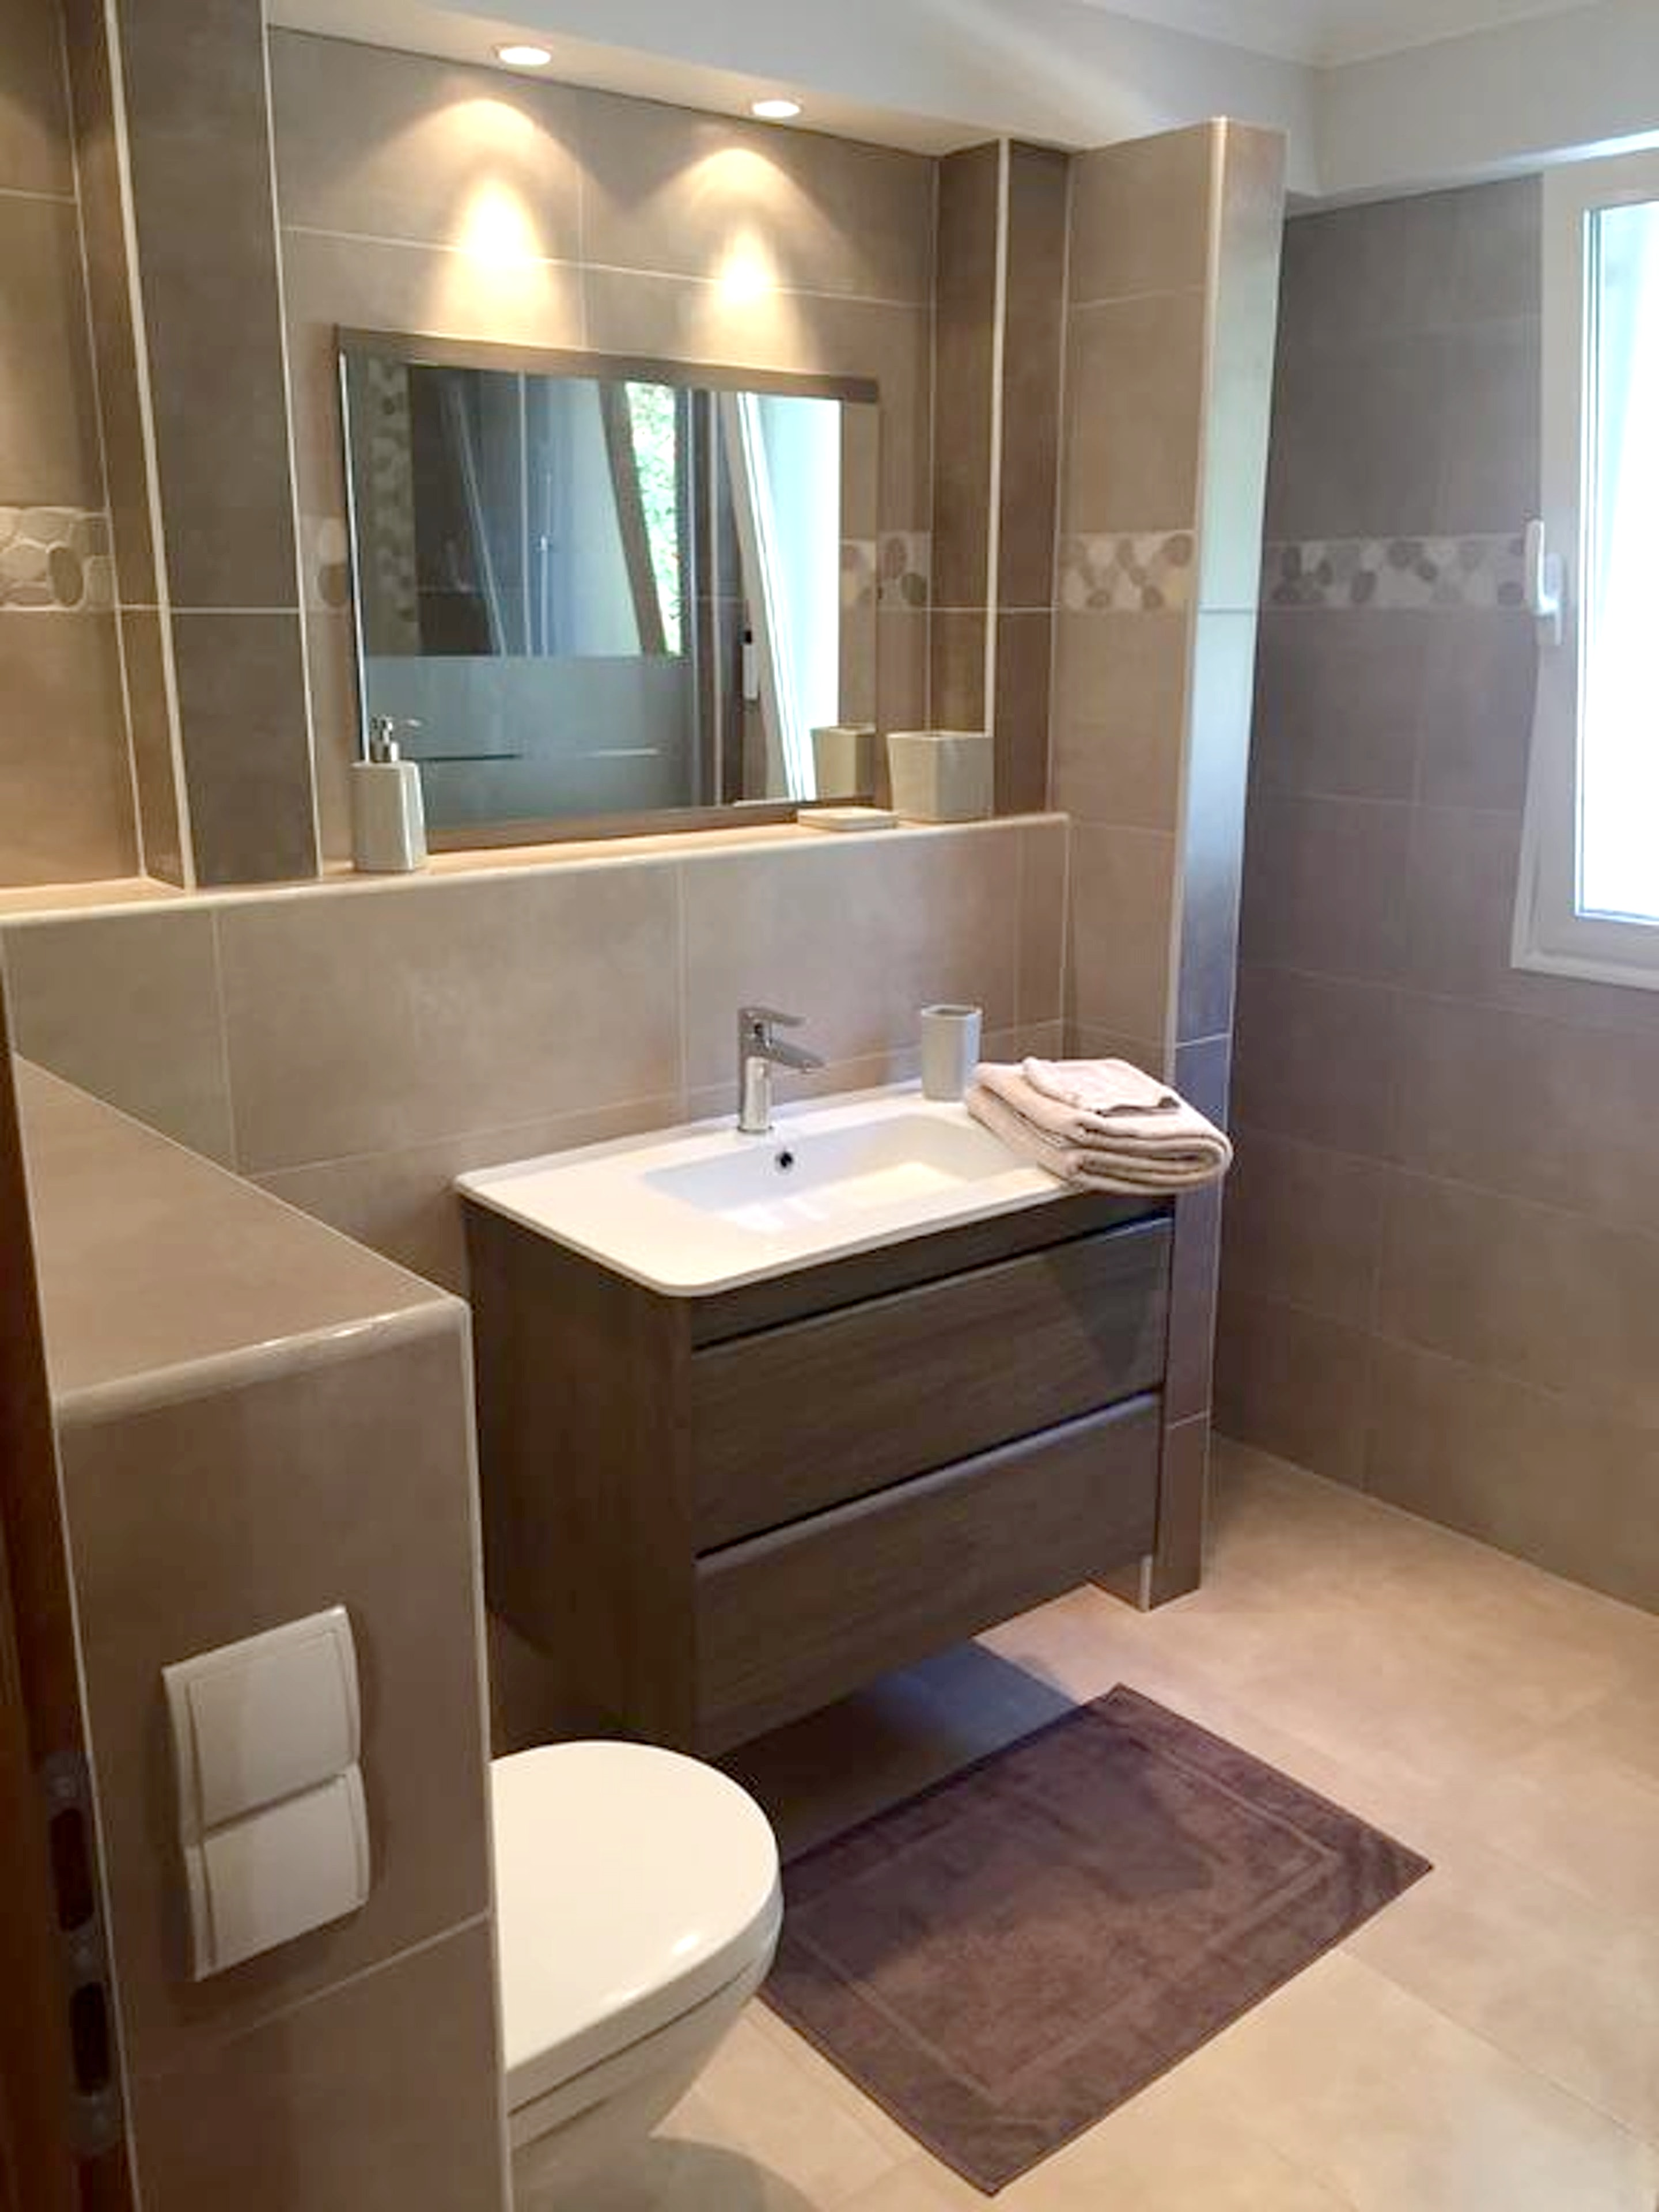 Maison de vacances Villa mit 5 Schlafzimmern in Rayol-Canadel-sur-Mer mit toller Aussicht auf die Berge, priv (2201555), Le Lavandou, Côte d'Azur, Provence - Alpes - Côte d'Azur, France, image 33